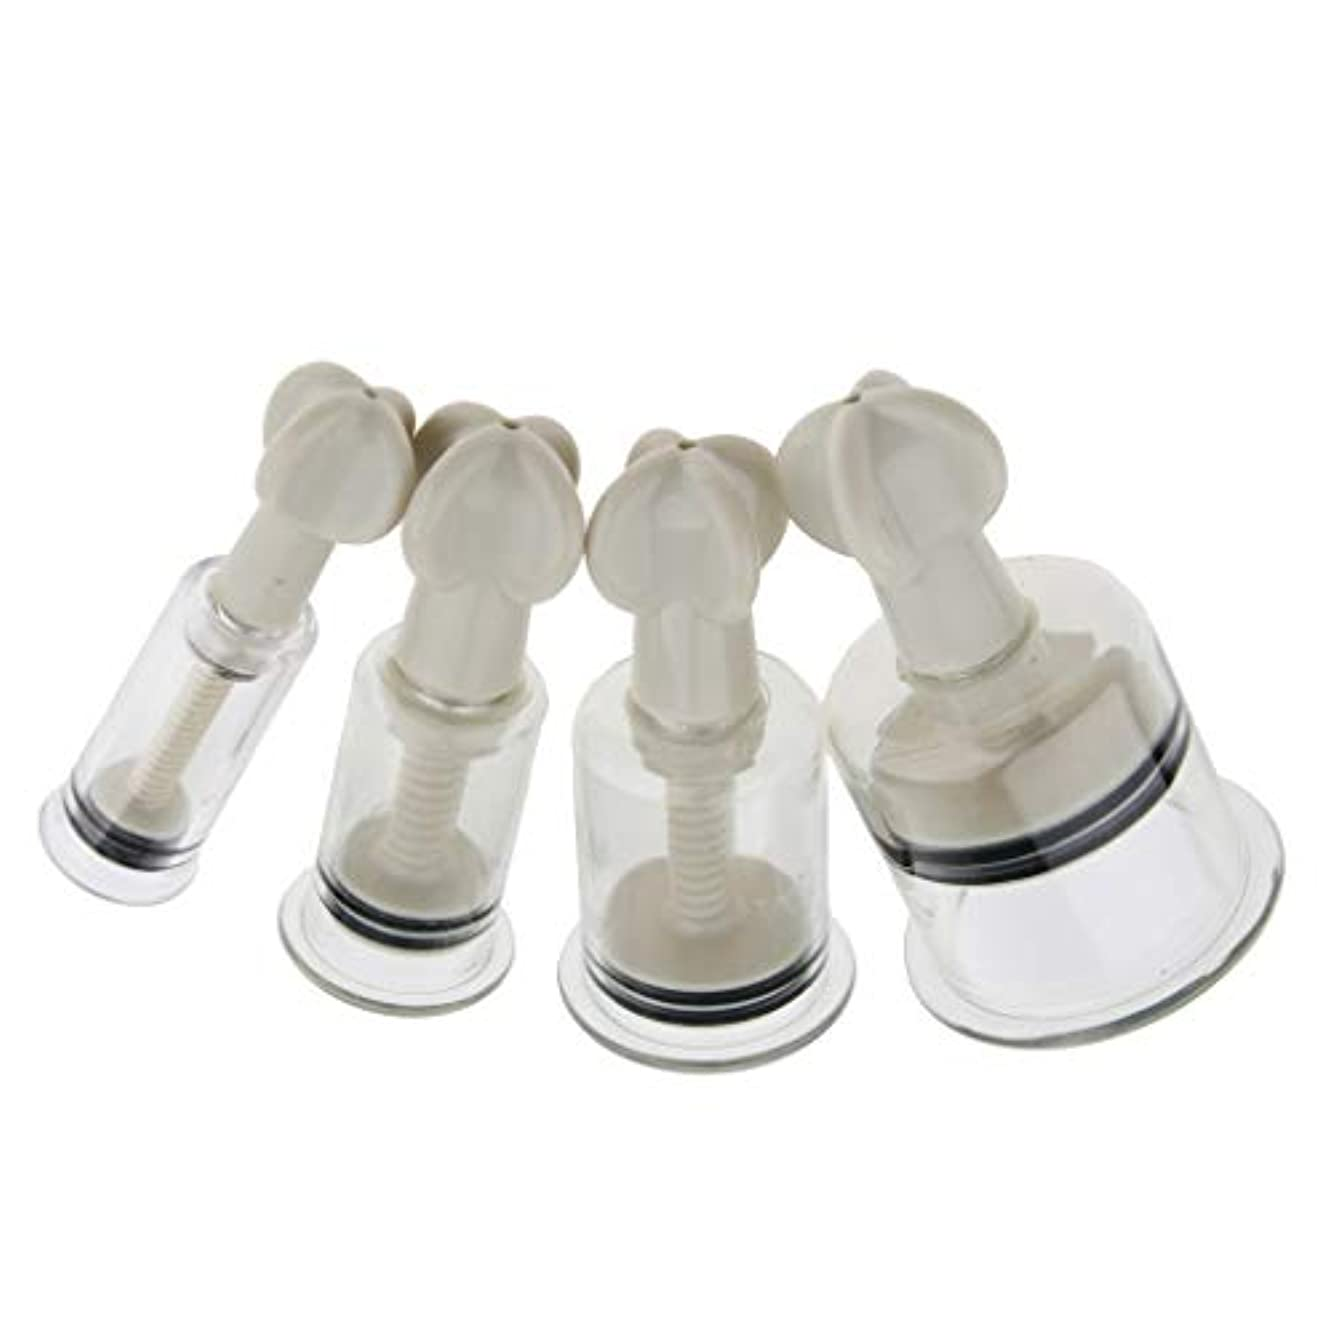 リルアルカトラズ島最初Baoblaze 真空カッピングセット マッサージカップ 吸い玉 筋肉痛救済 男女兼用 4個 プラスチック製 高品質